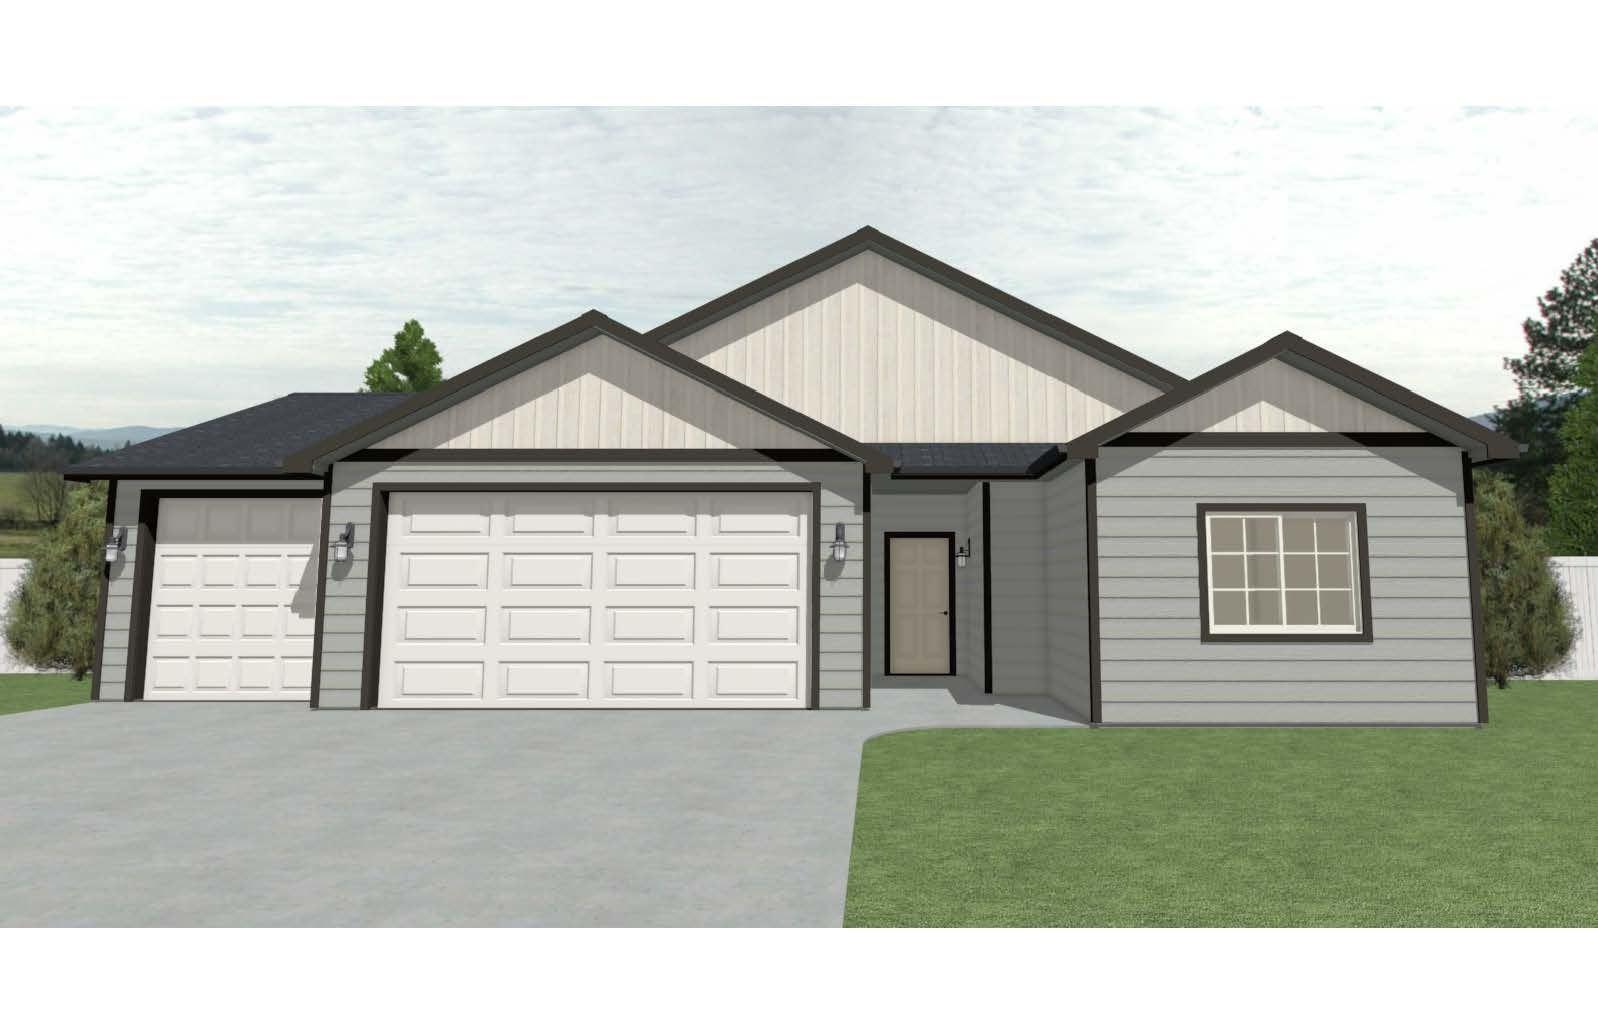 8470 N Oak St, Spokane, WA 99208 - #: 202112930